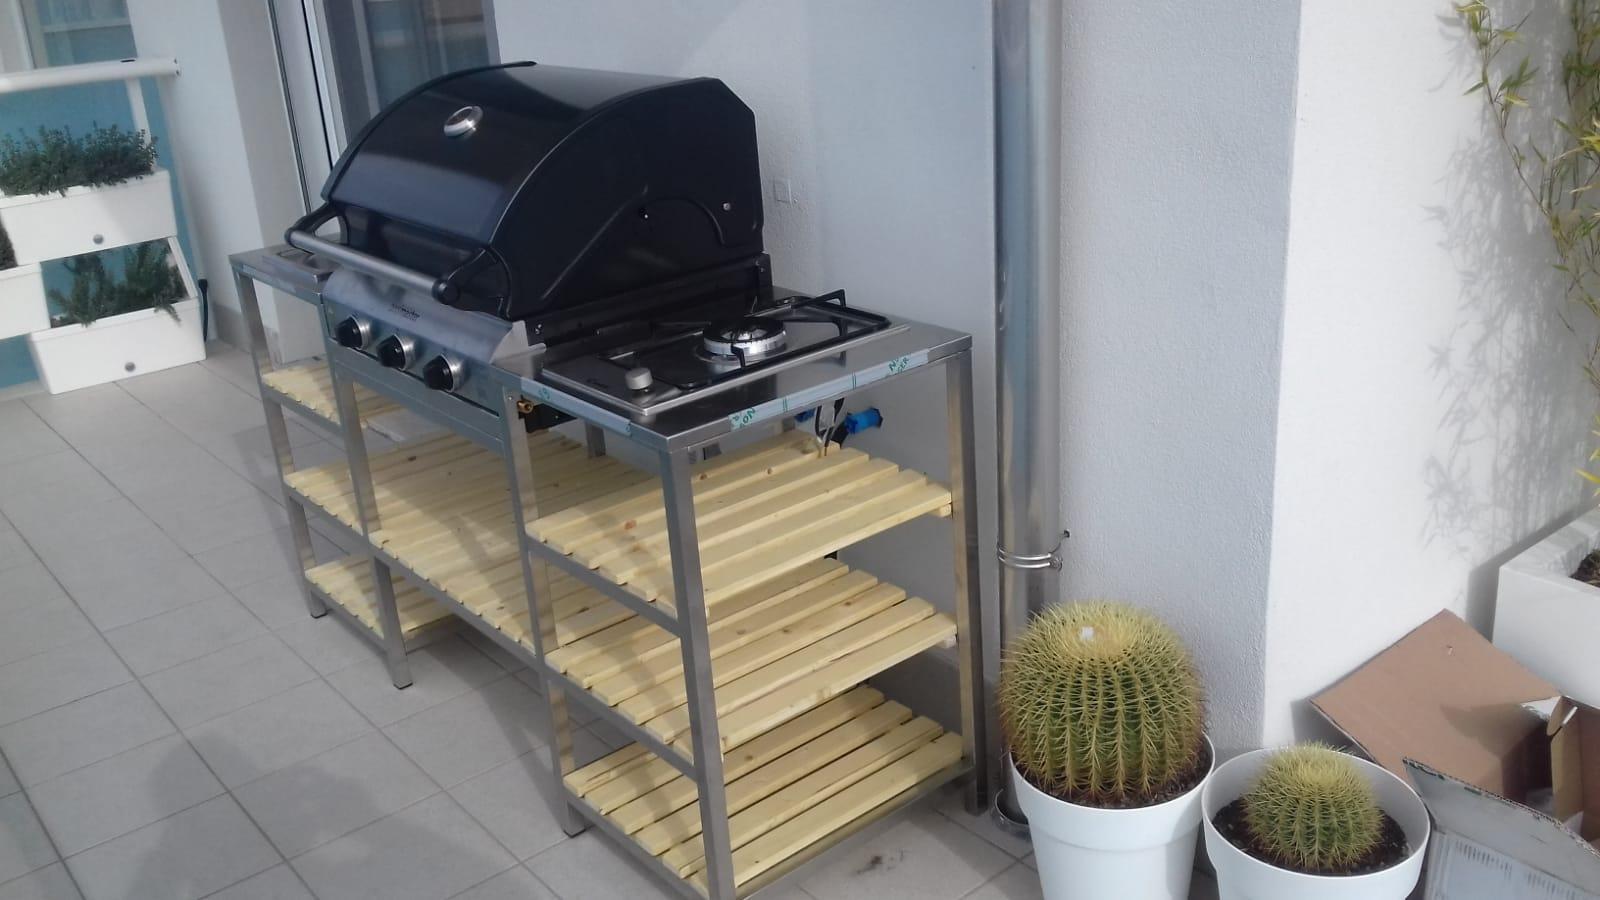 Cucine Da Esterno Con Barbecue : Cucina modulare da esterno con barbecue la bottega del fuoco ceriale